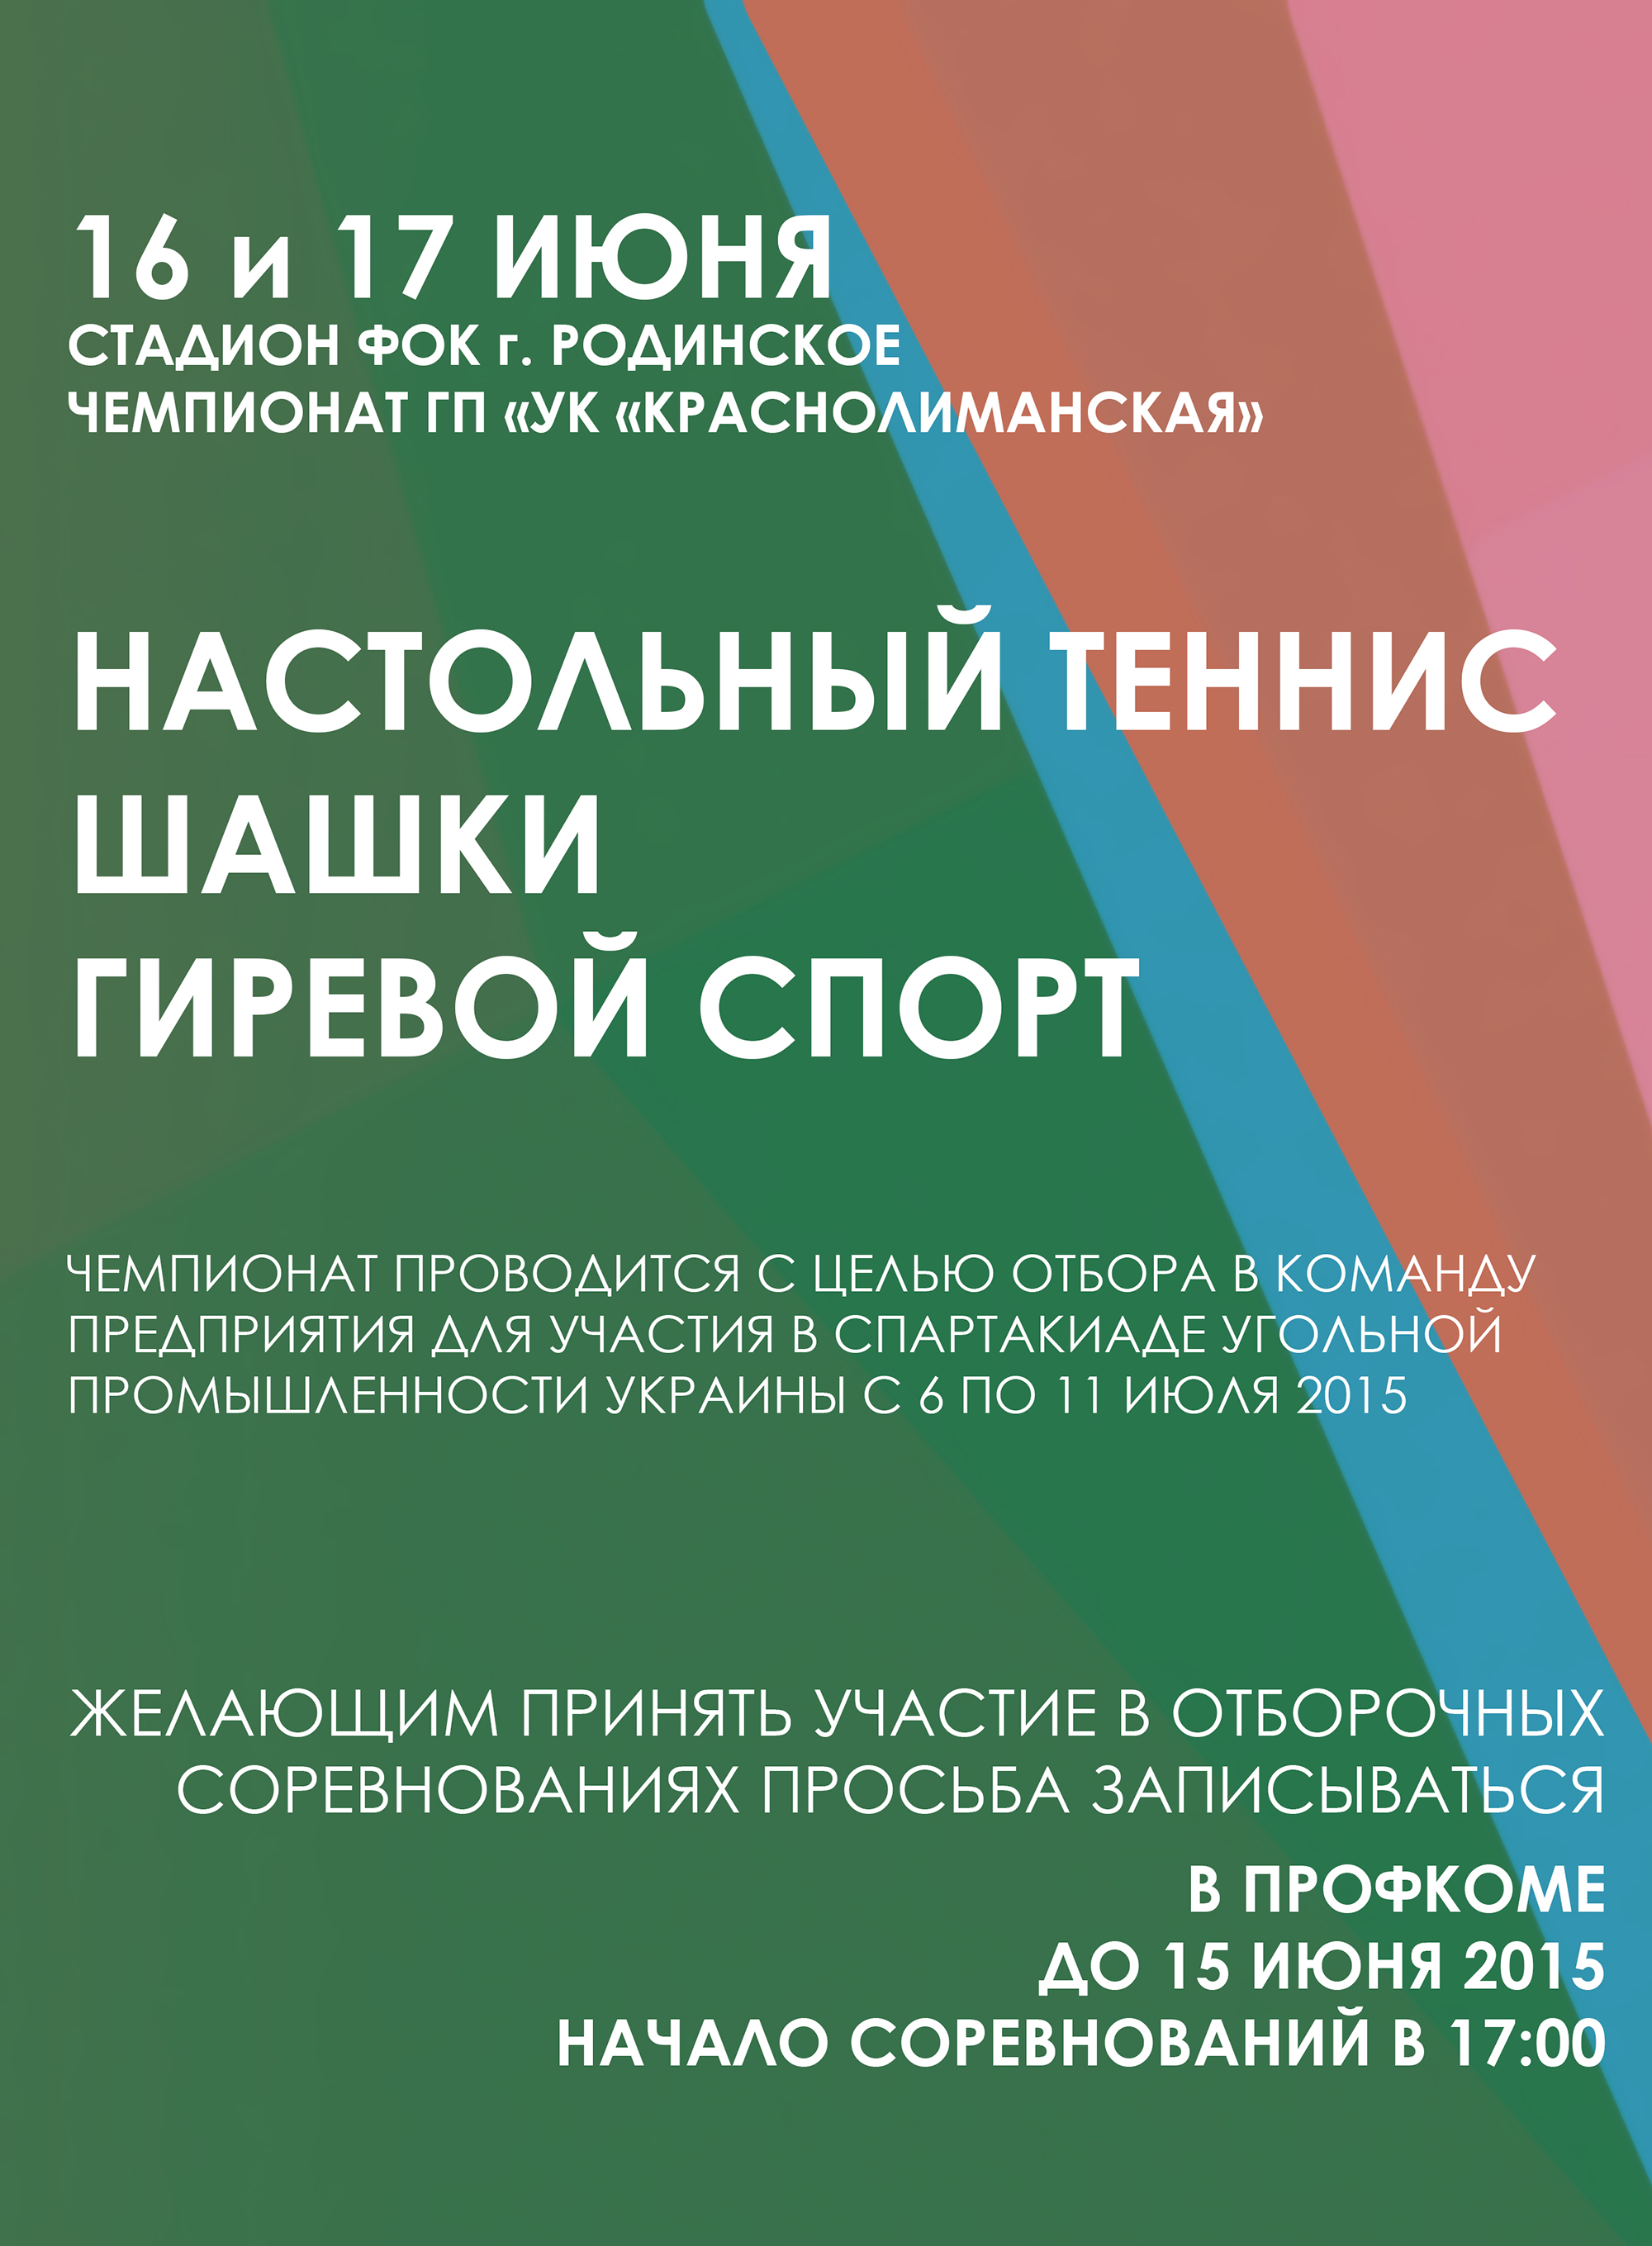 Чемпионат ГП «УК «Краснолиманская» по настольному теннису, шашкам и гиревому спорту